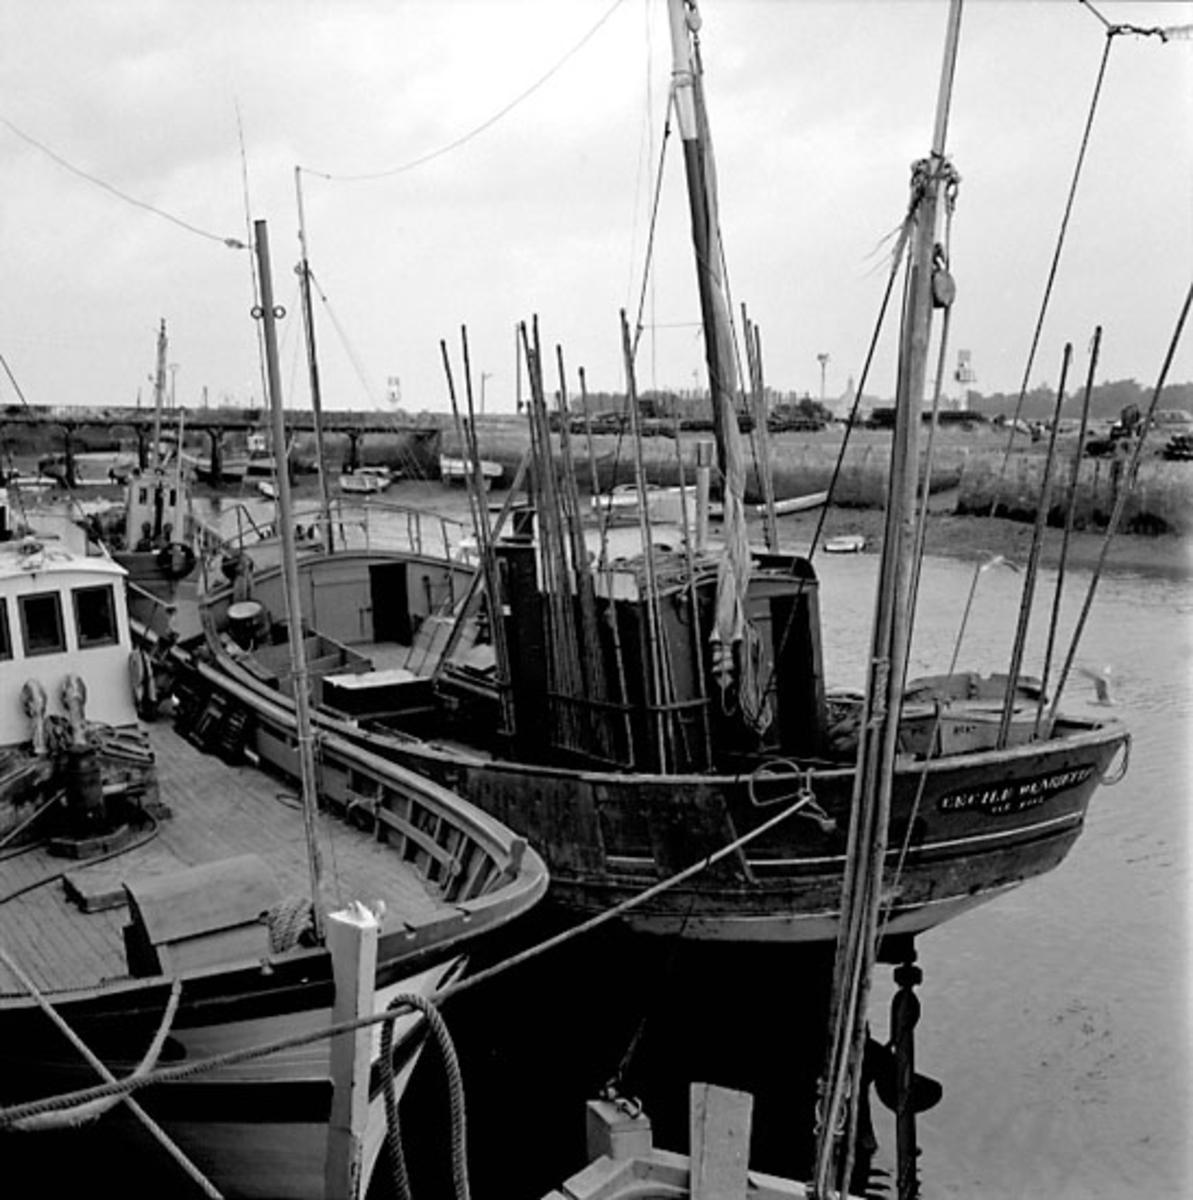 10. Frankrike. Fotojournal finns på B.M.A. + fotoalbum. Samtidigt förvärv: Böcker och arkivmaterial. Foton tagna 1959-10-17. 12 Bilder i serie.